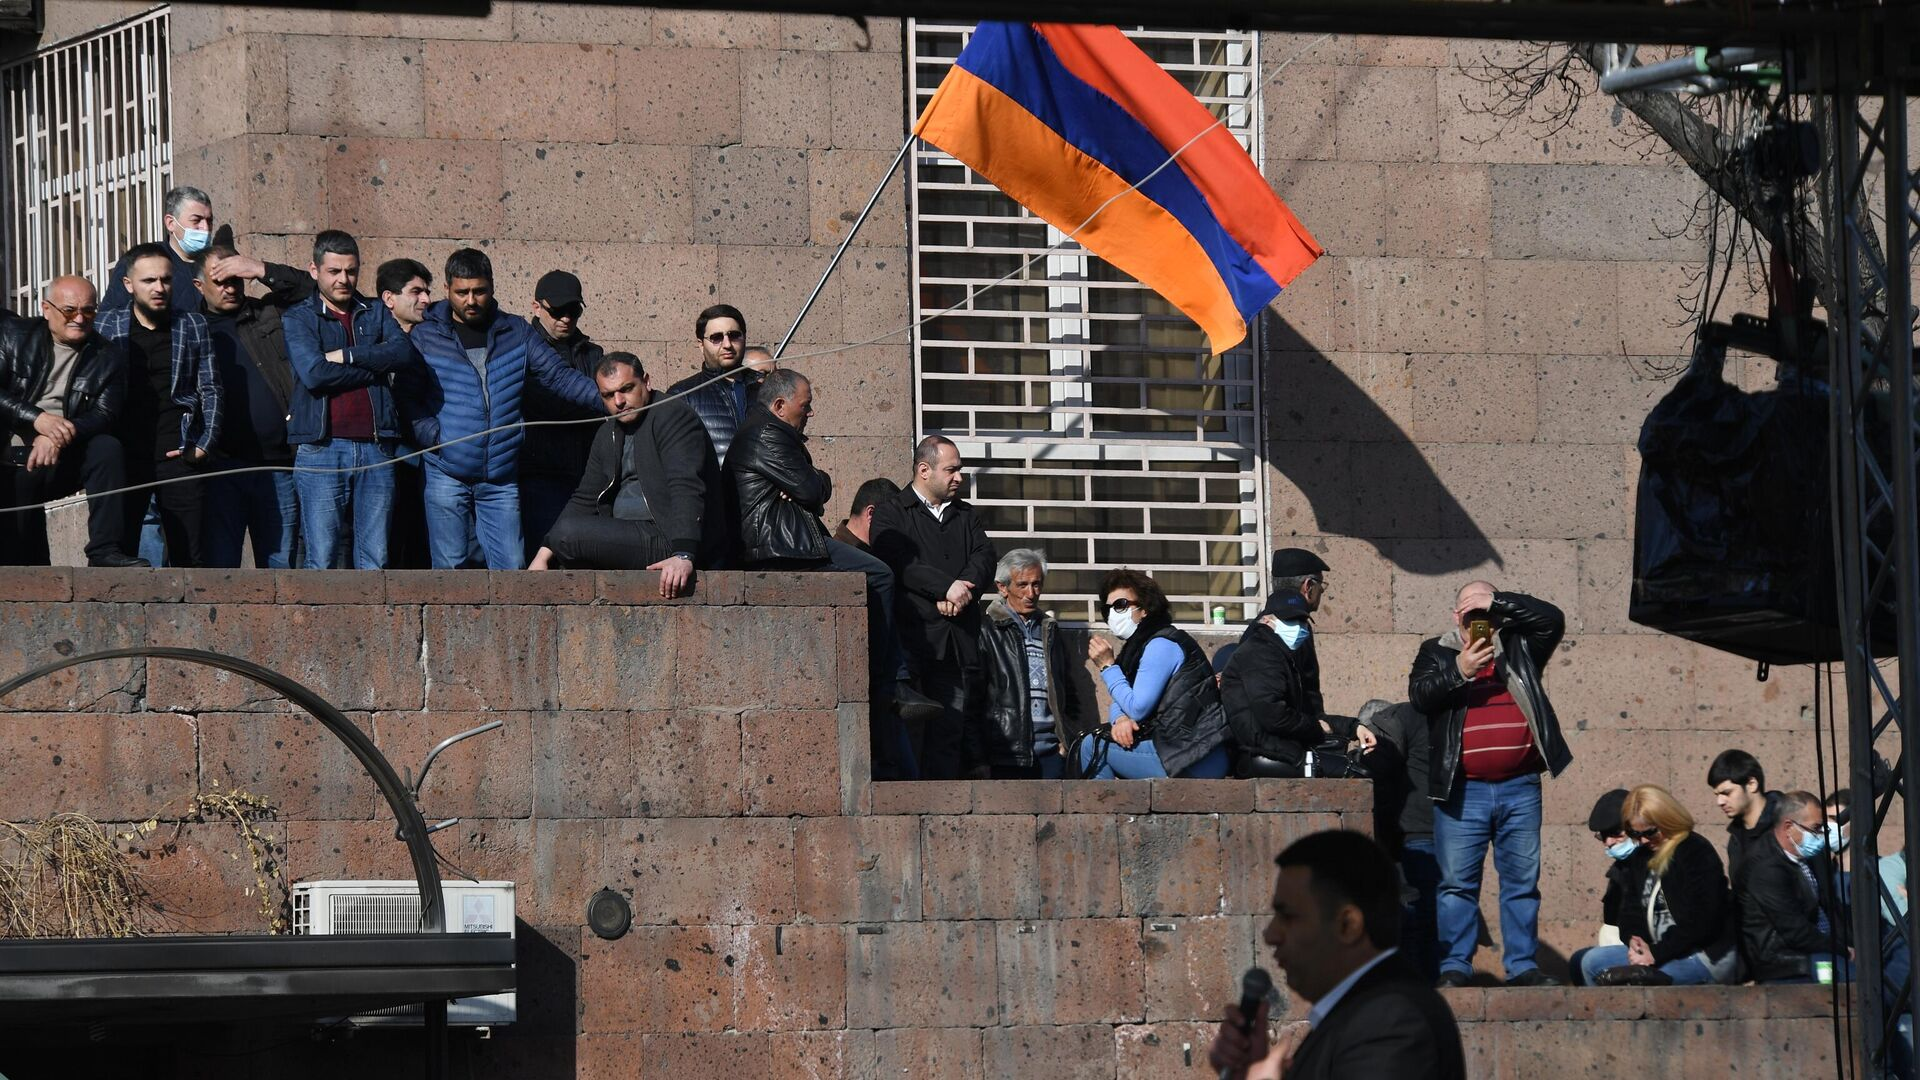 Участники митинга оппозиции на проспекте Баграмяна у здания Национальной академии наук в Еревaне - РИА Новости, 1920, 07.03.2021